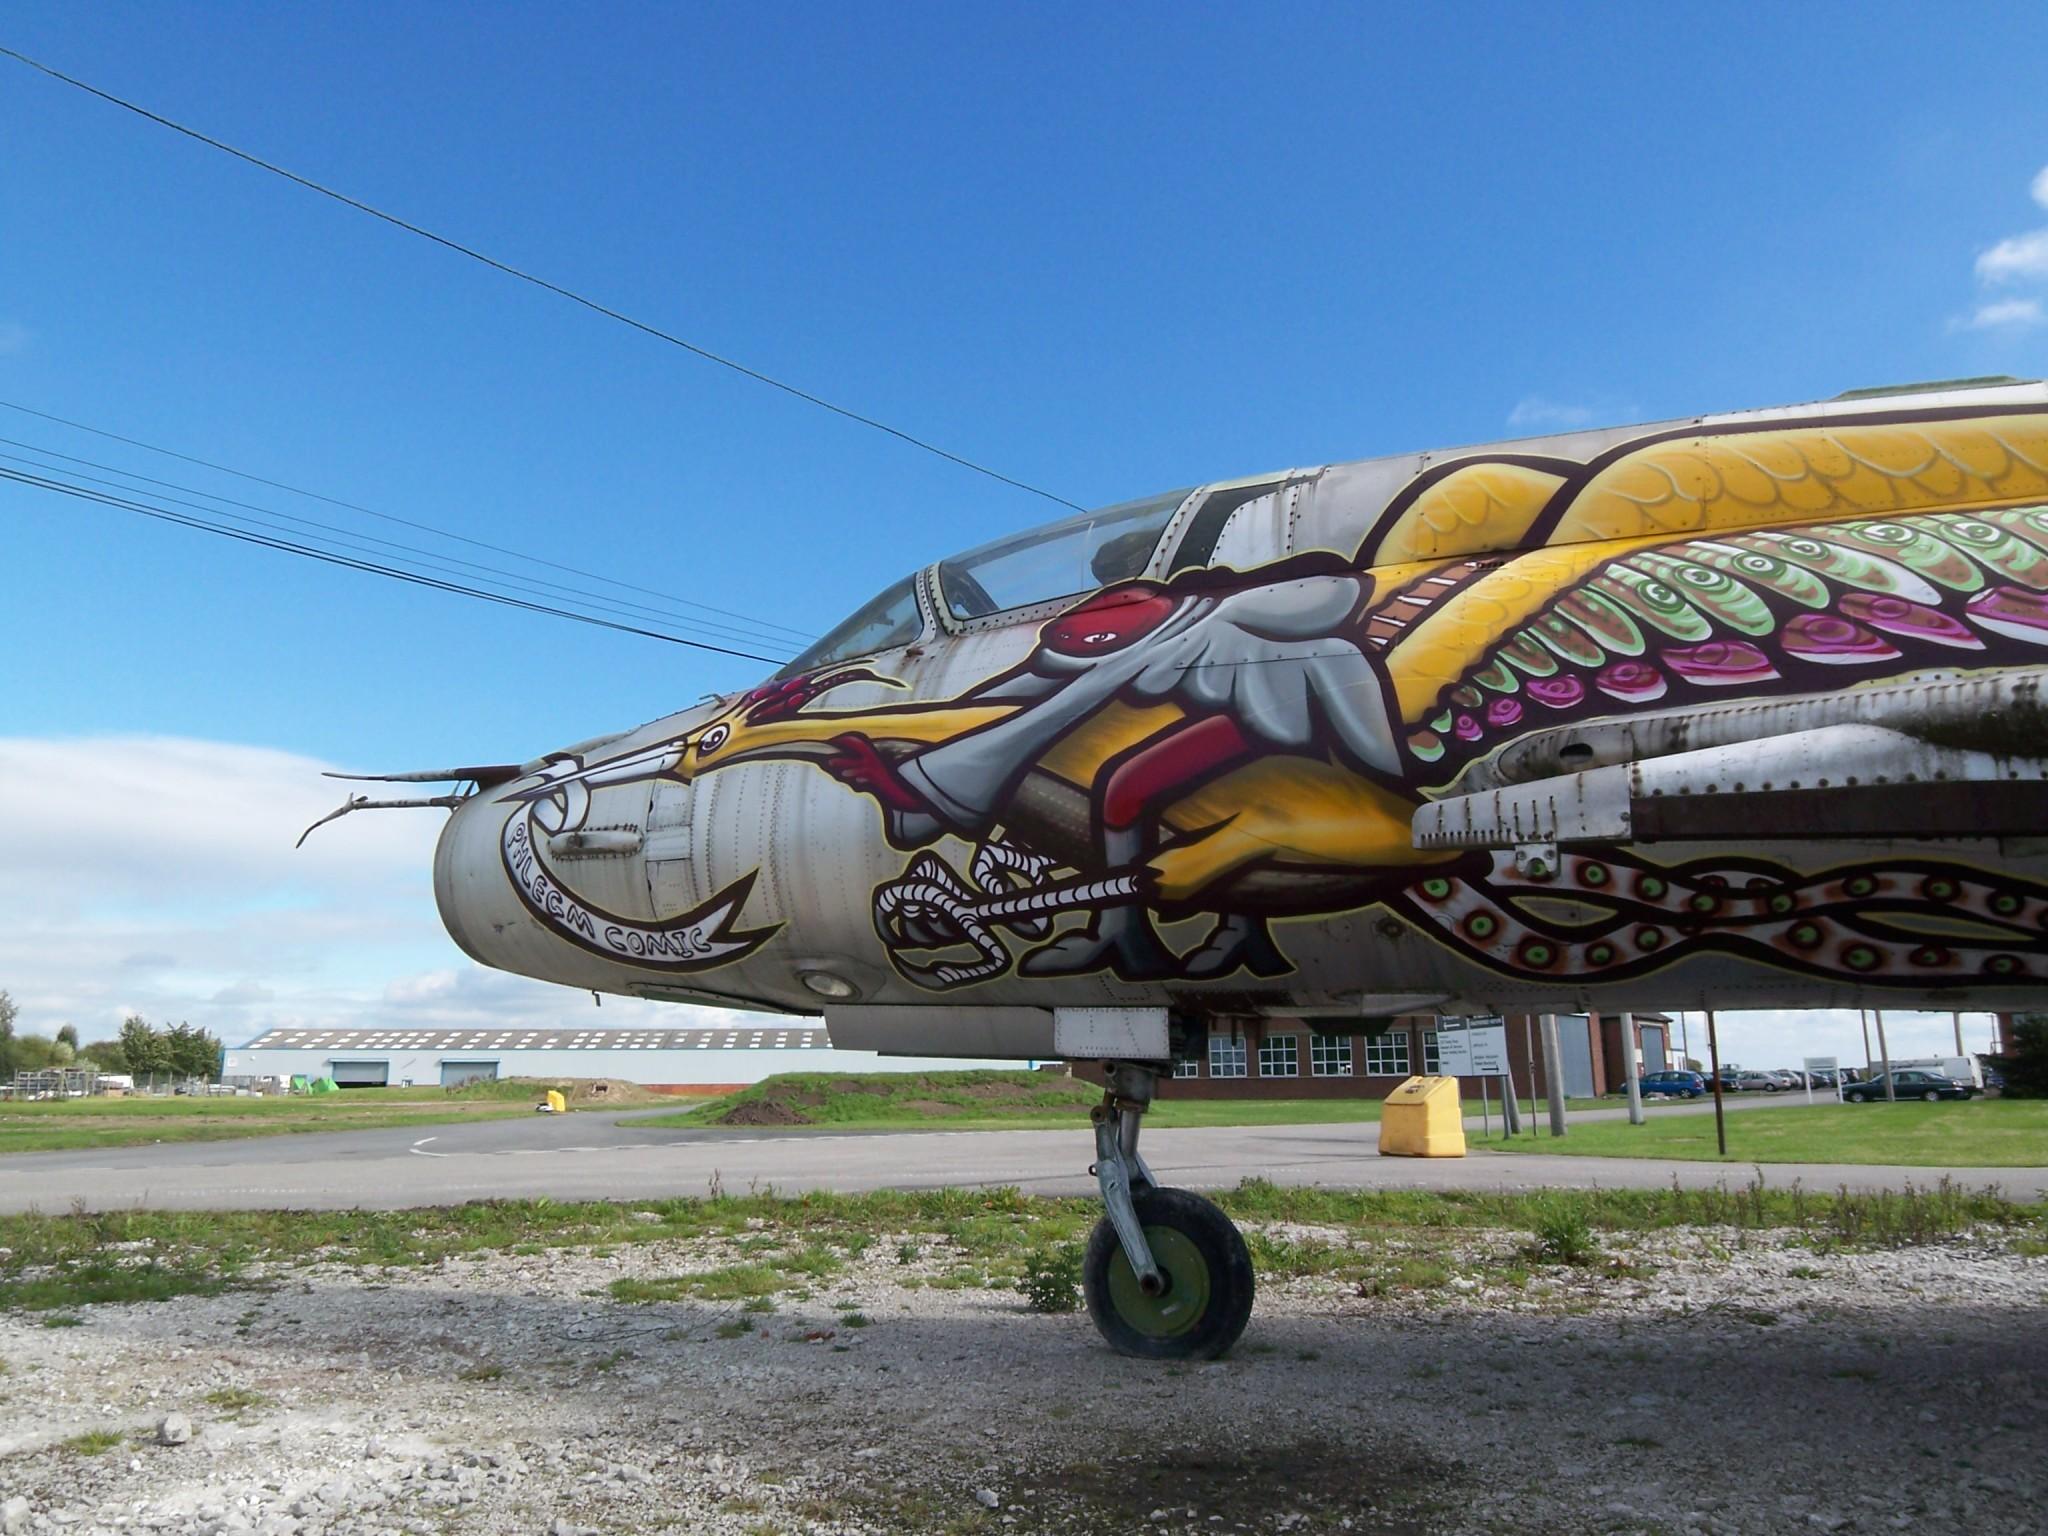 Artwork By Phlegm in Cardiff